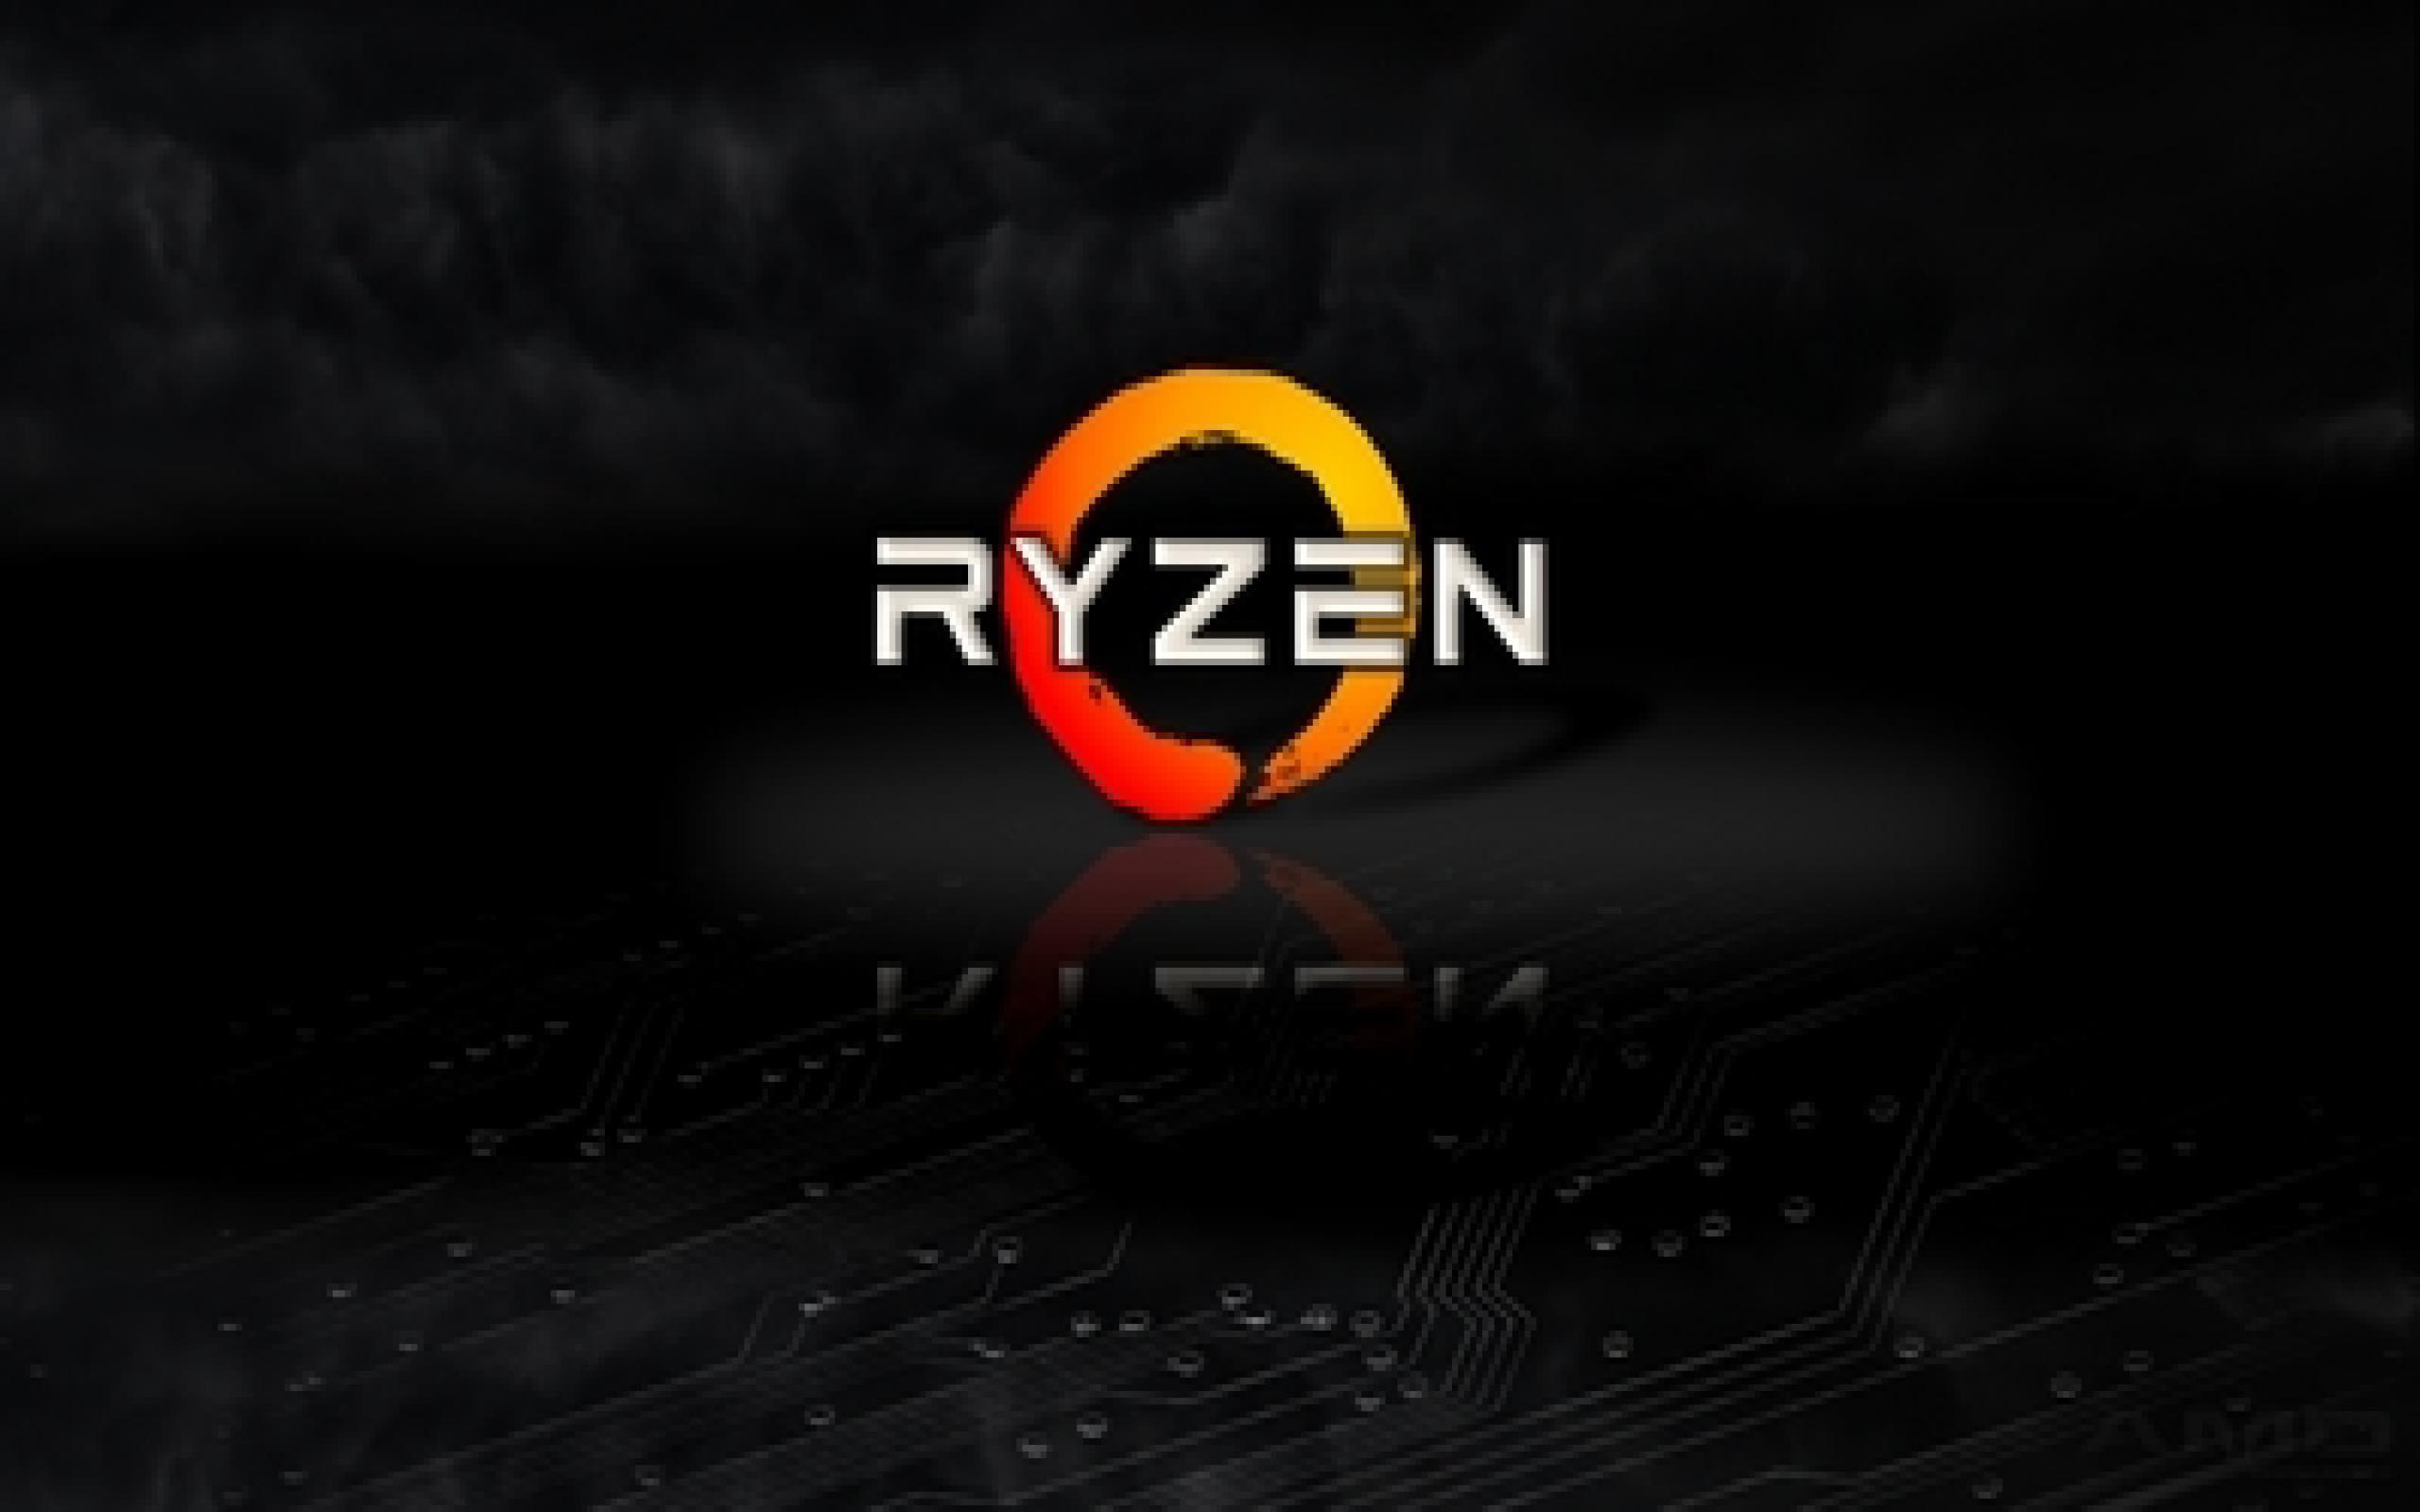 AMD Ryzen Wallpapers - Wallpaper Cave